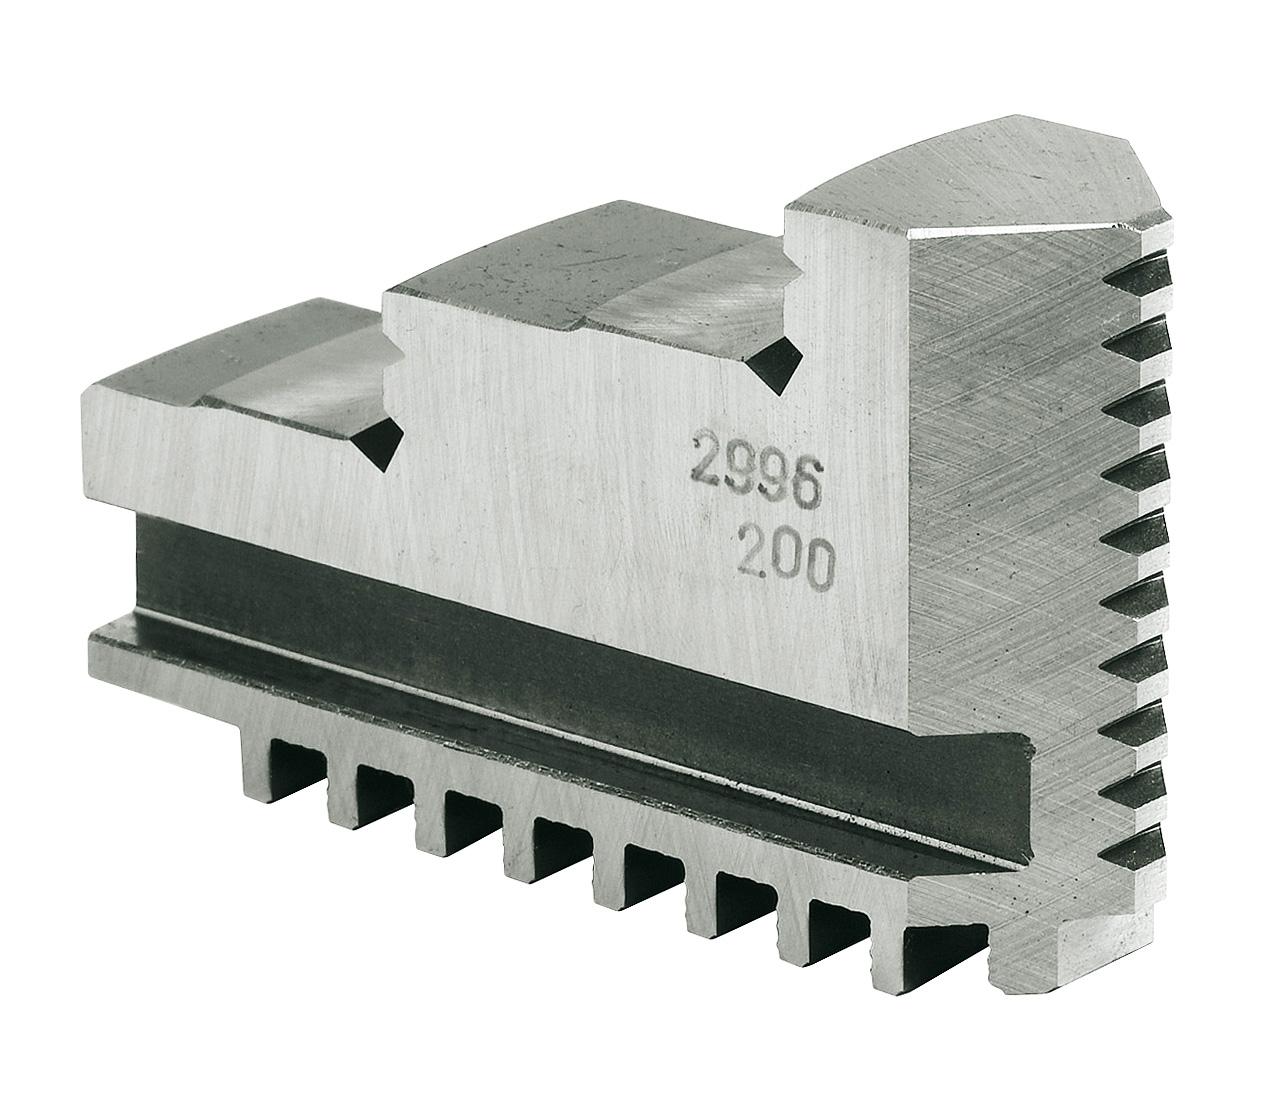 Szczęki jednolite twarde zewnętrzne - komplet DOJ-DK12-125 BERNARDO